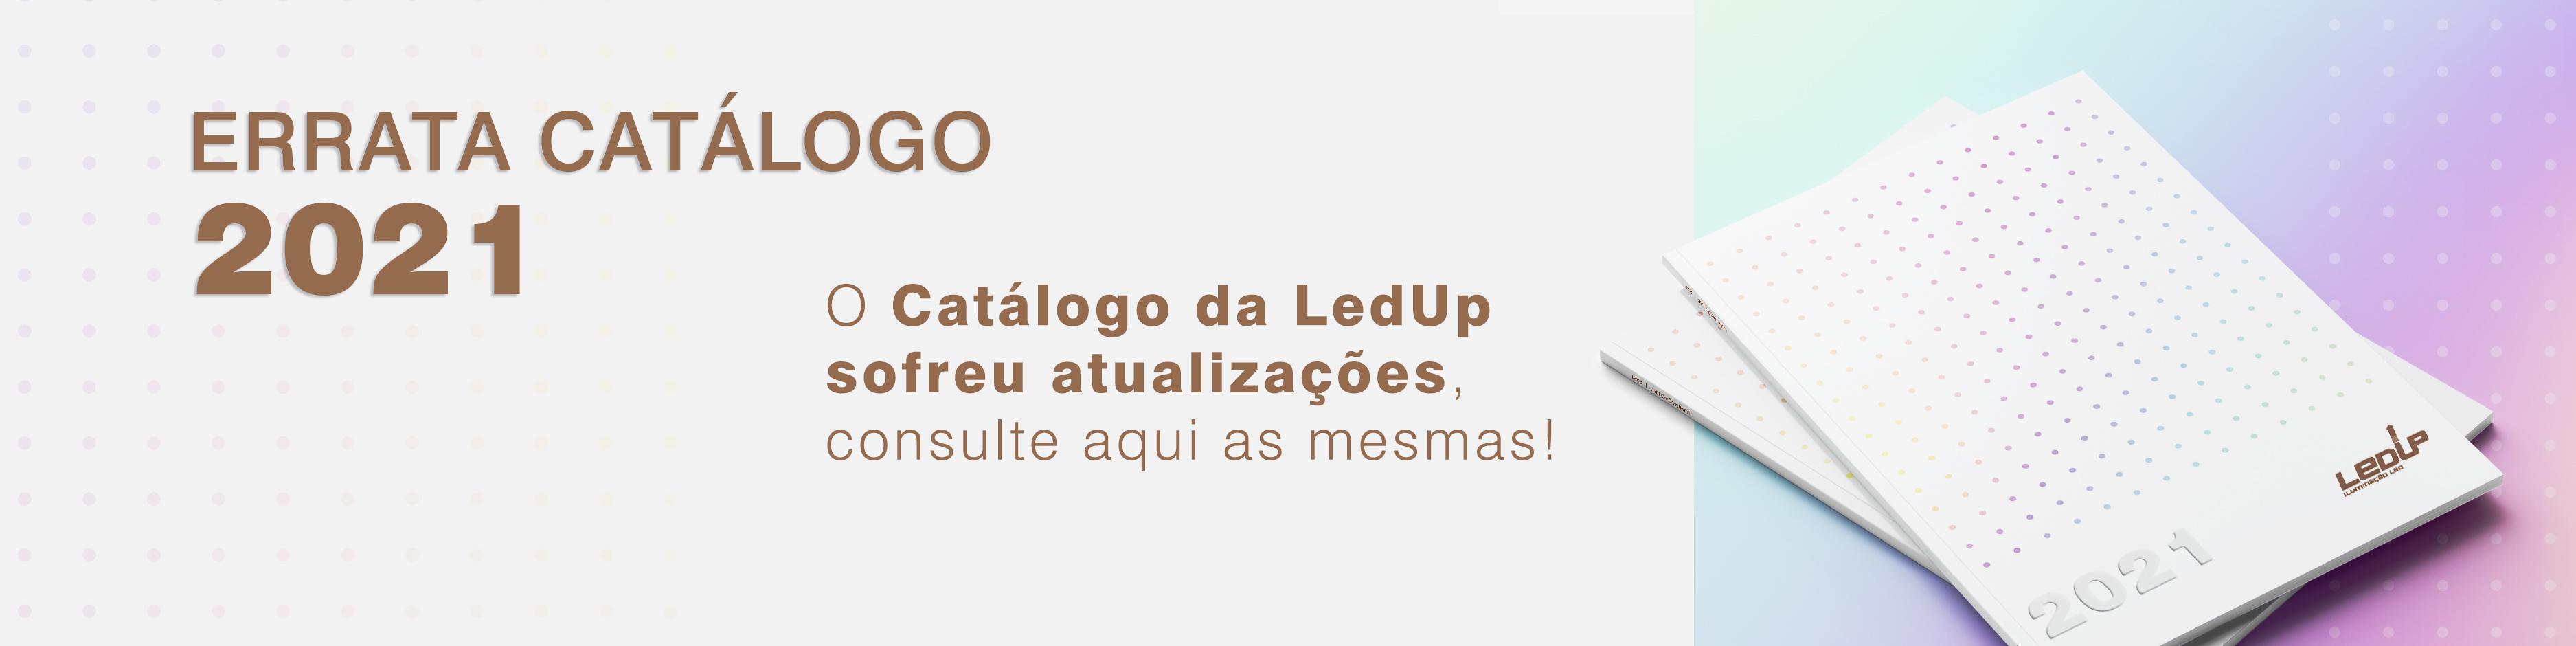 Errata catálogo LEDUP 2021